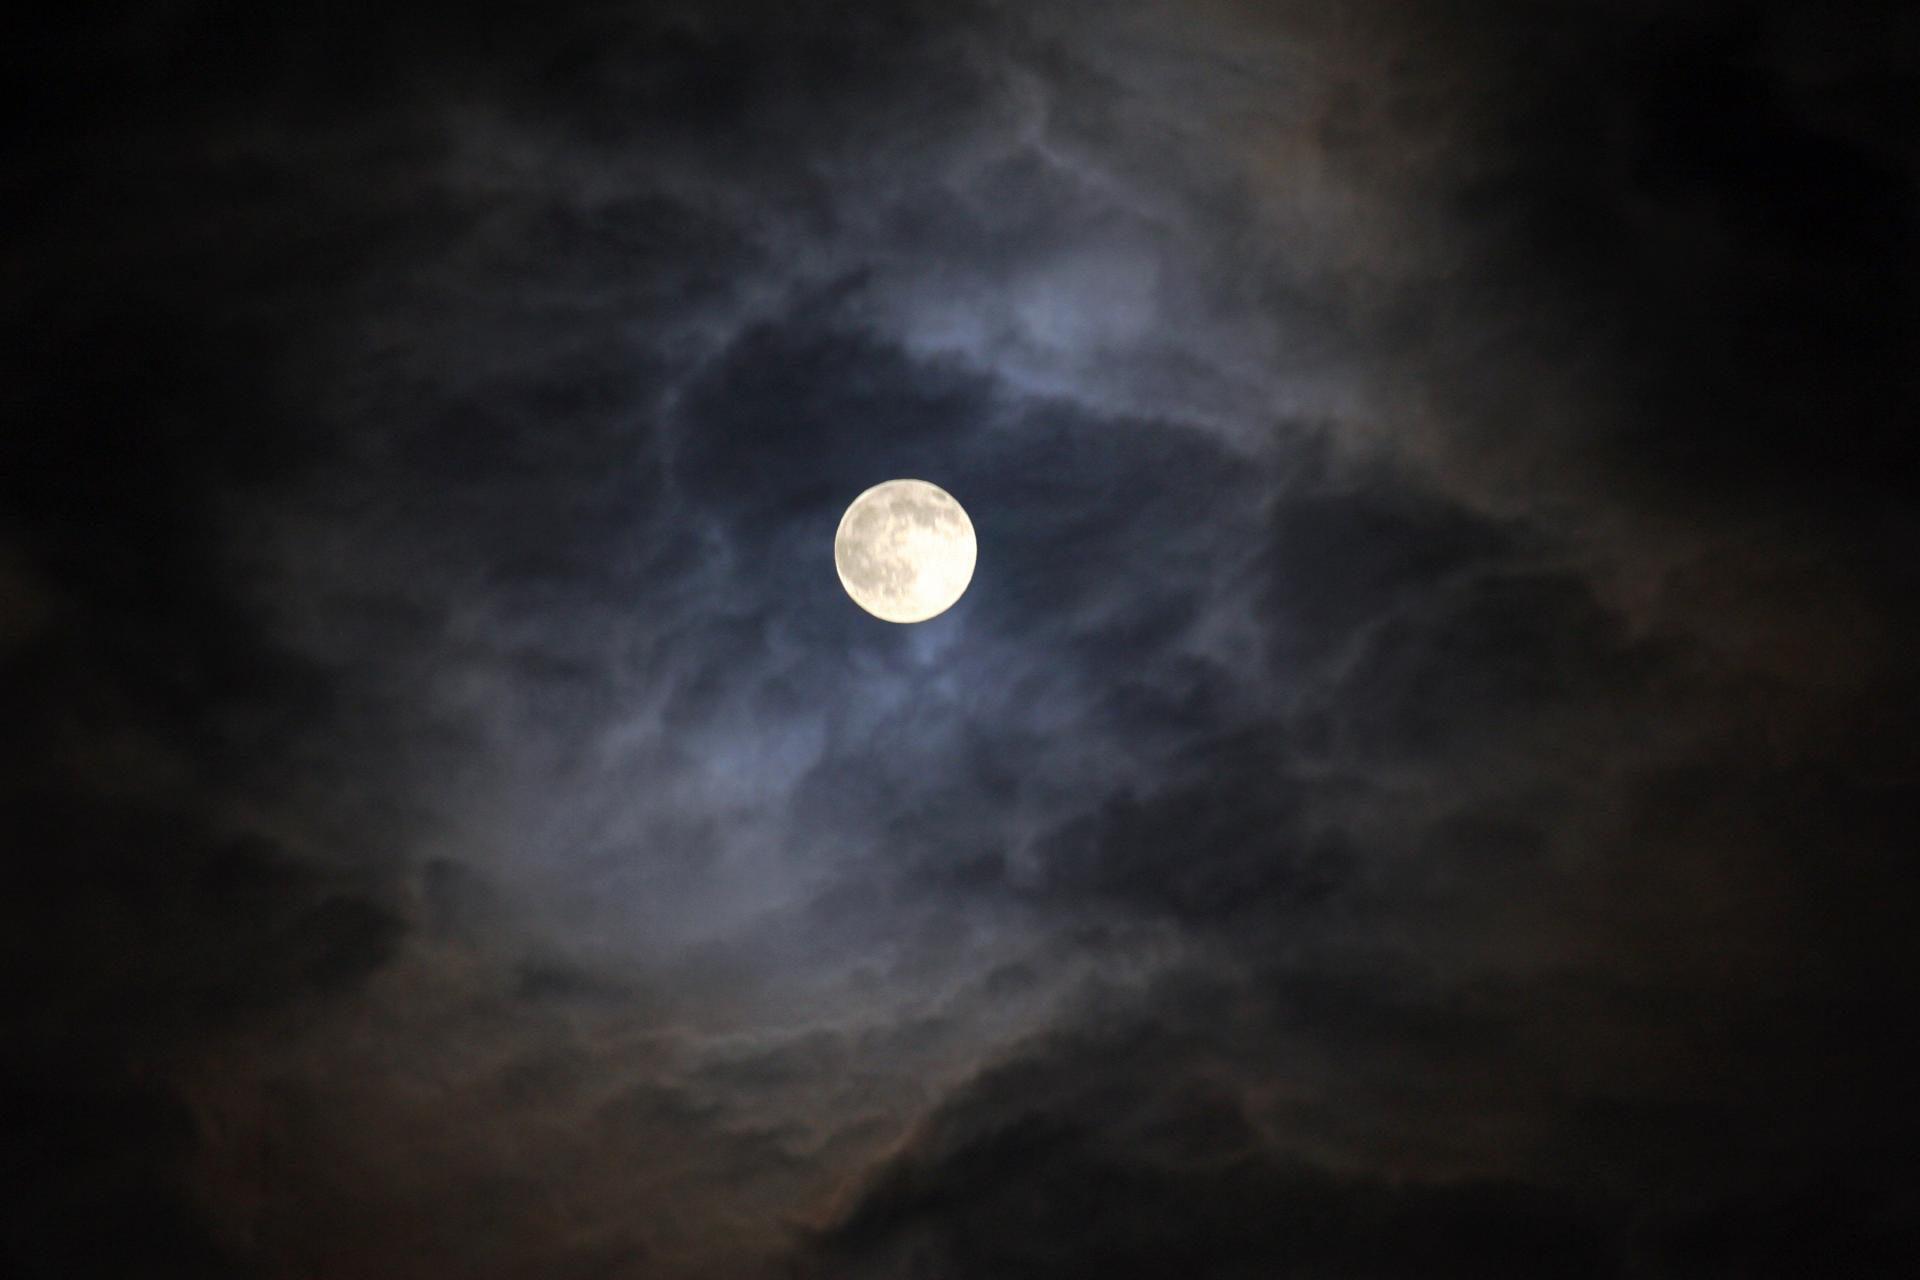 متن کامل ترانه تصنیف امشب شب مهتابه